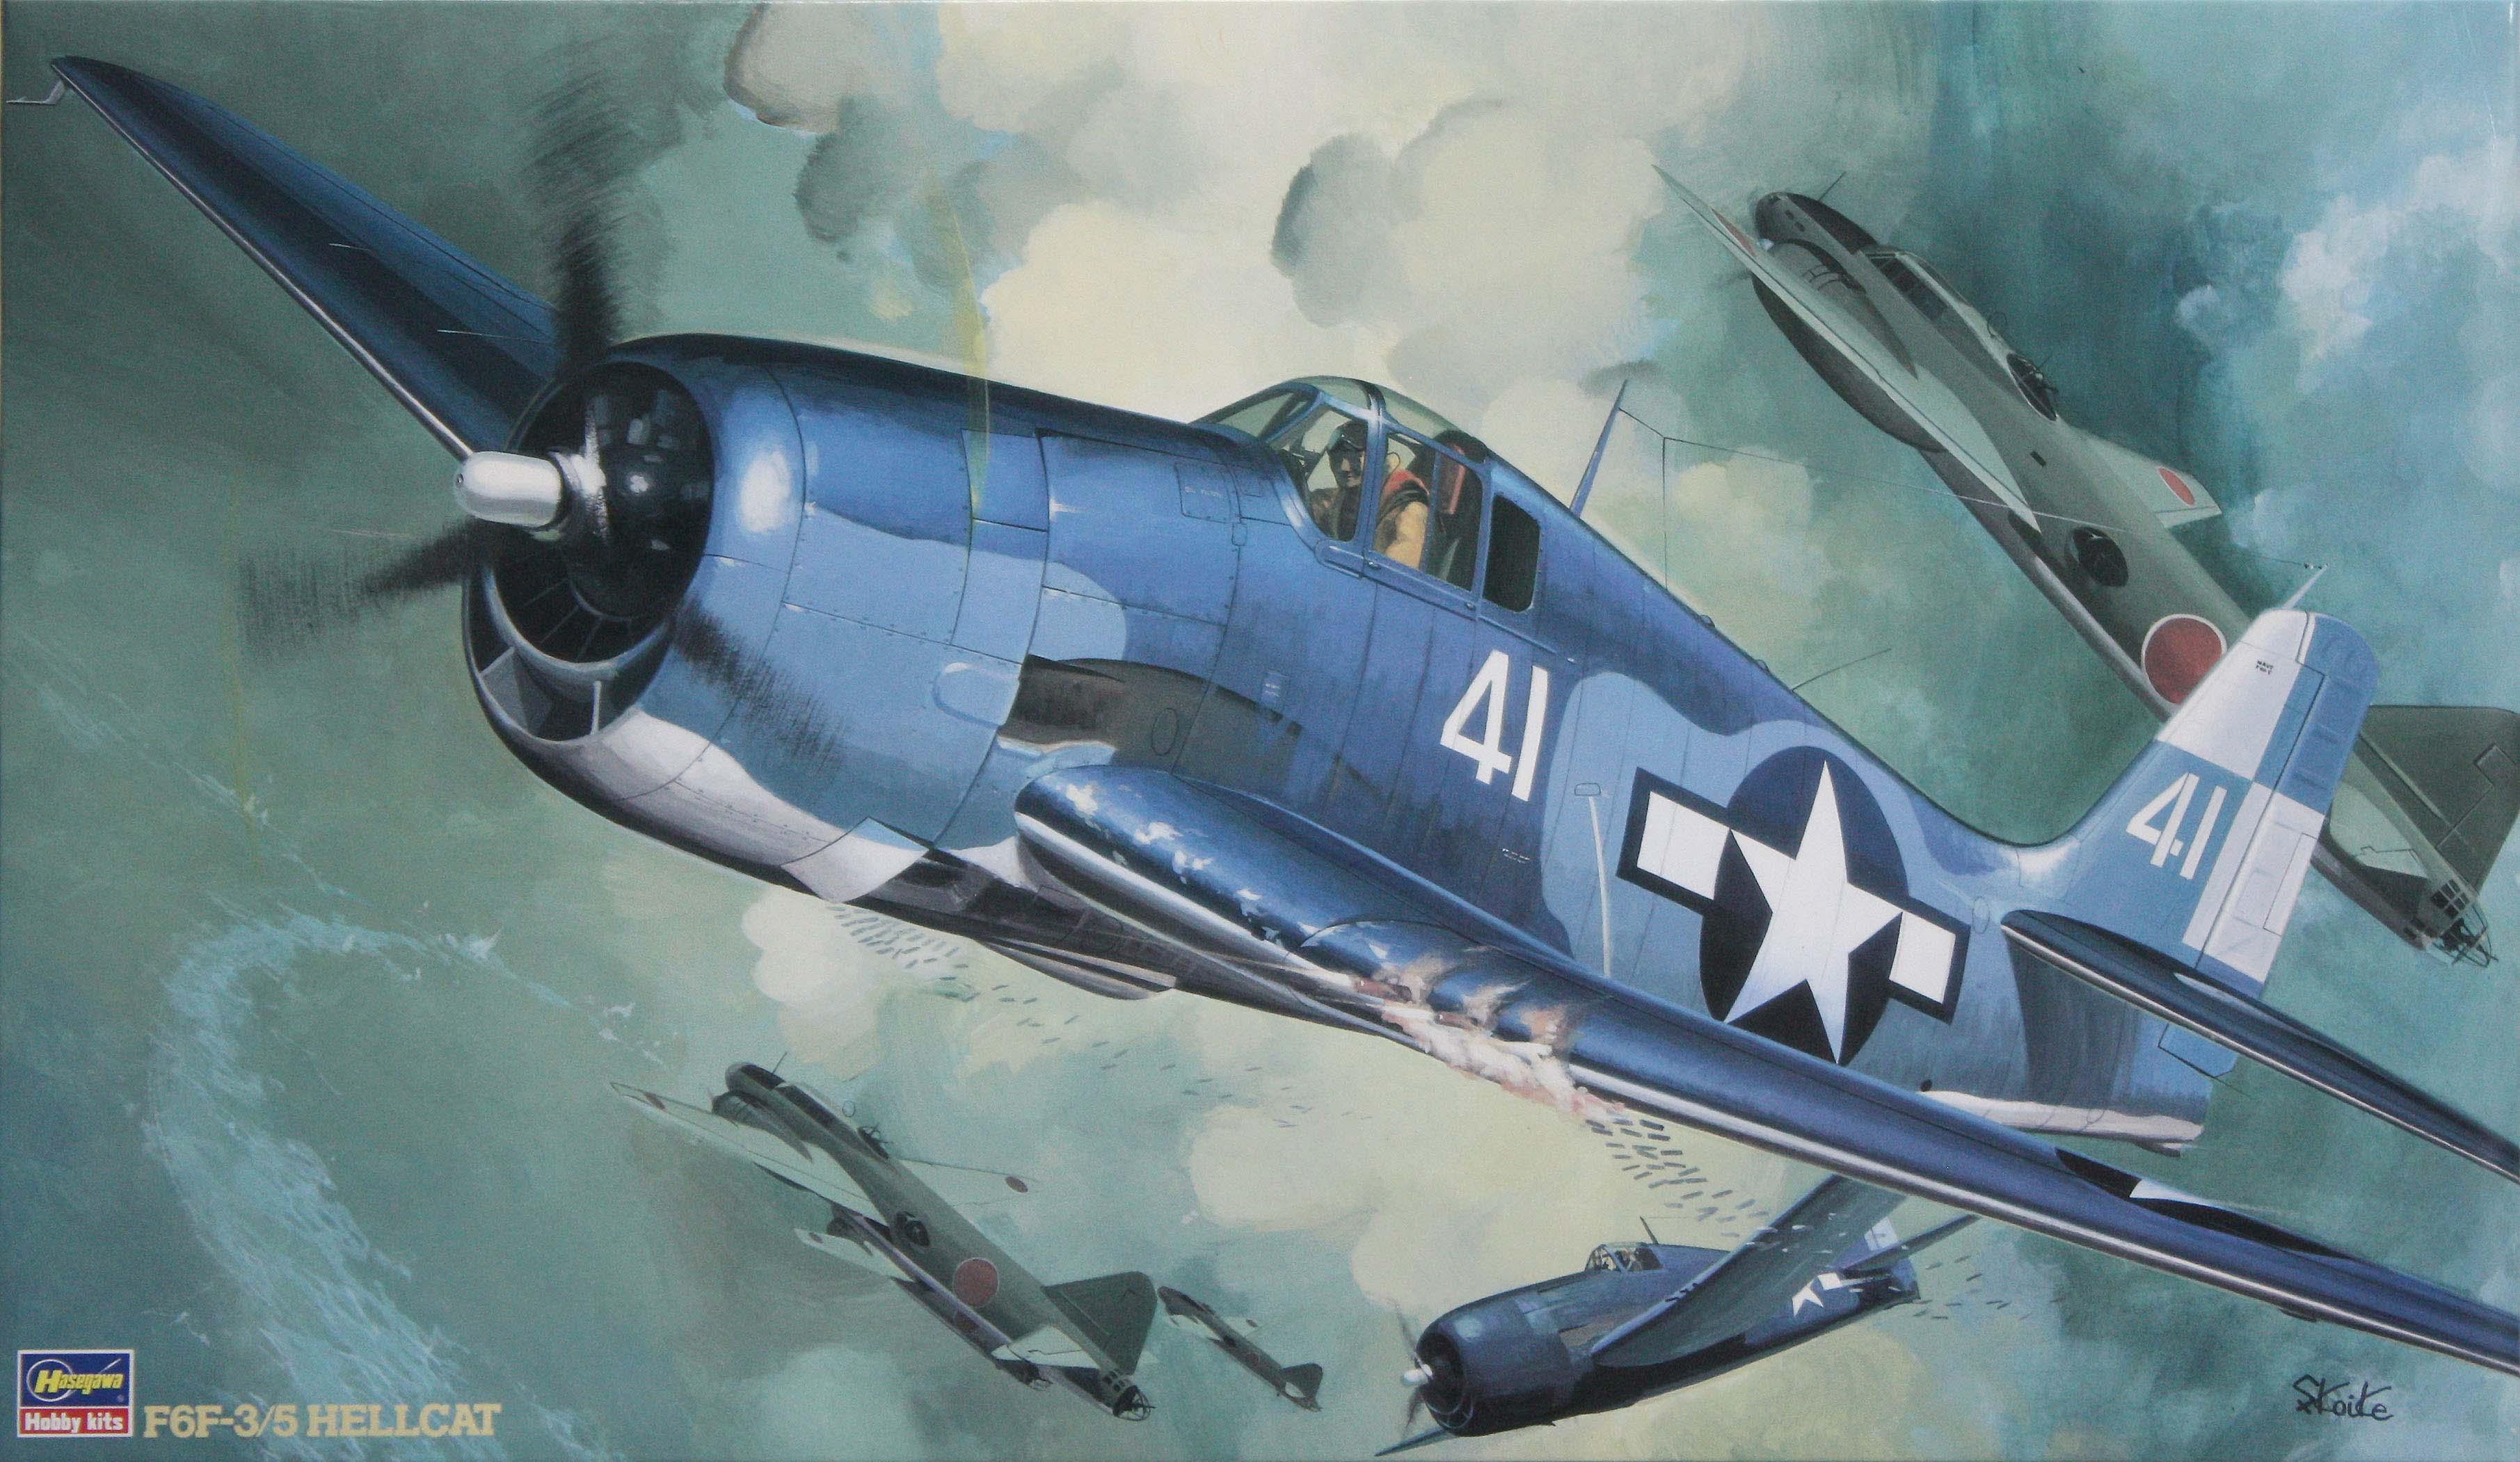 Hasegawa 1/32 F6F-3/5 Hellcat